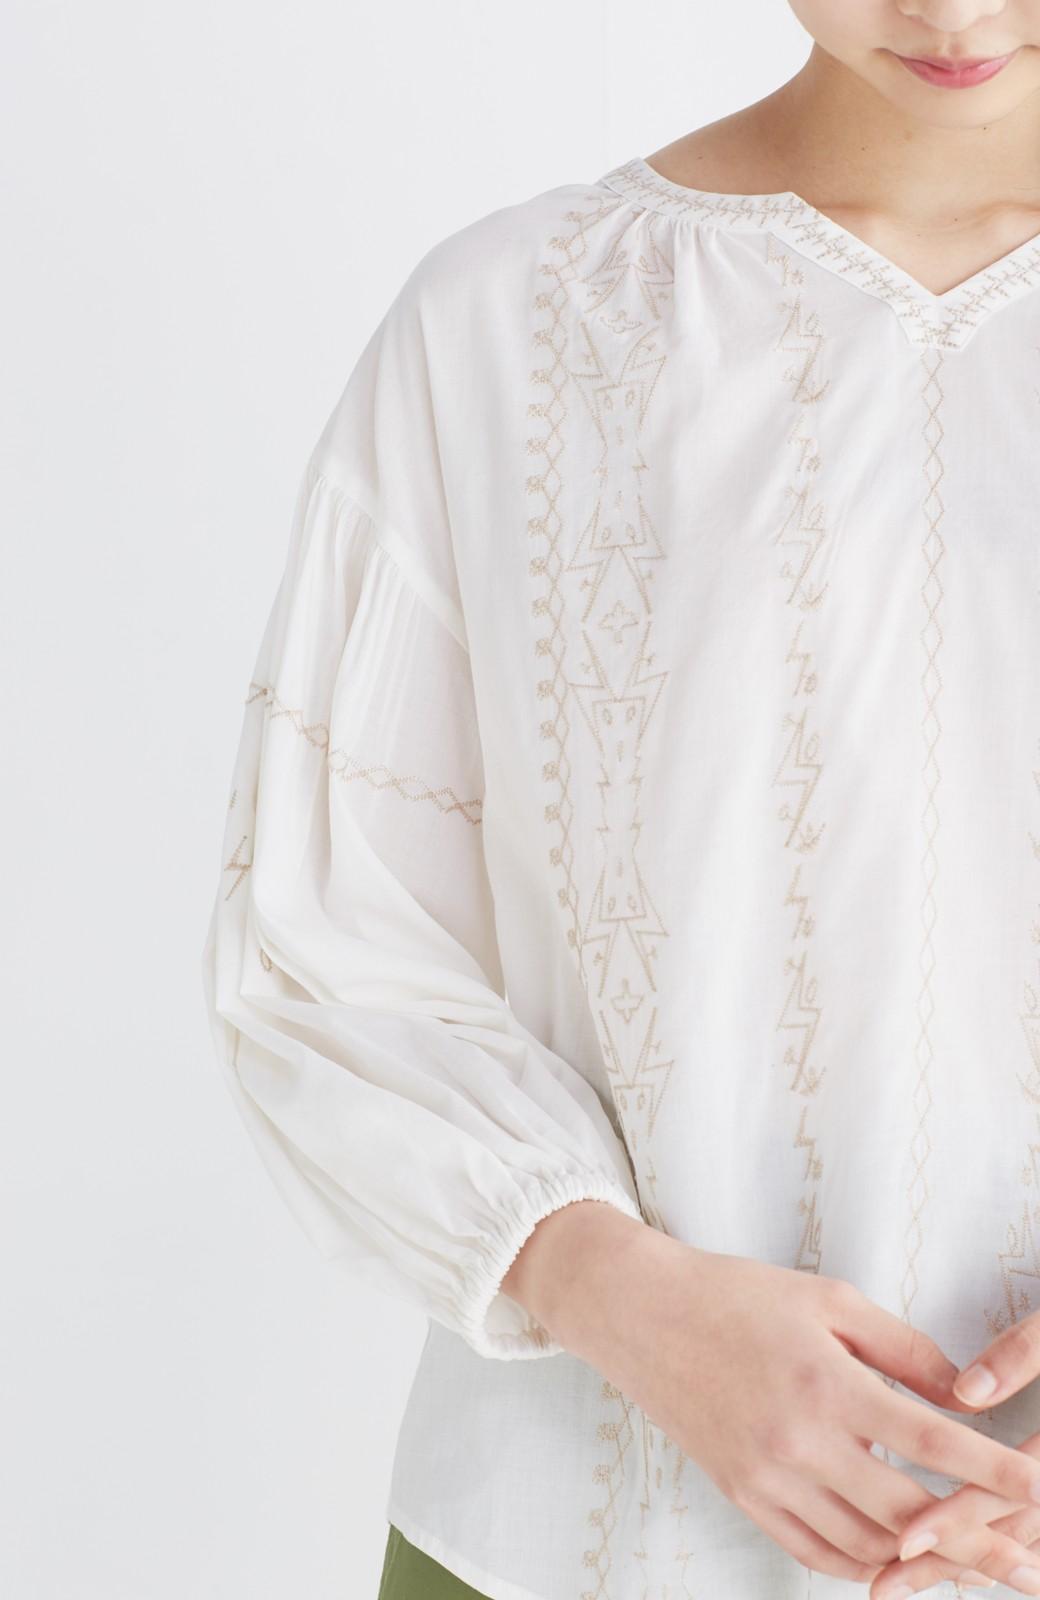 nusy 女っぽく刺しゅうを楽しむギャザーブラウス  <ホワイト>の商品写真18